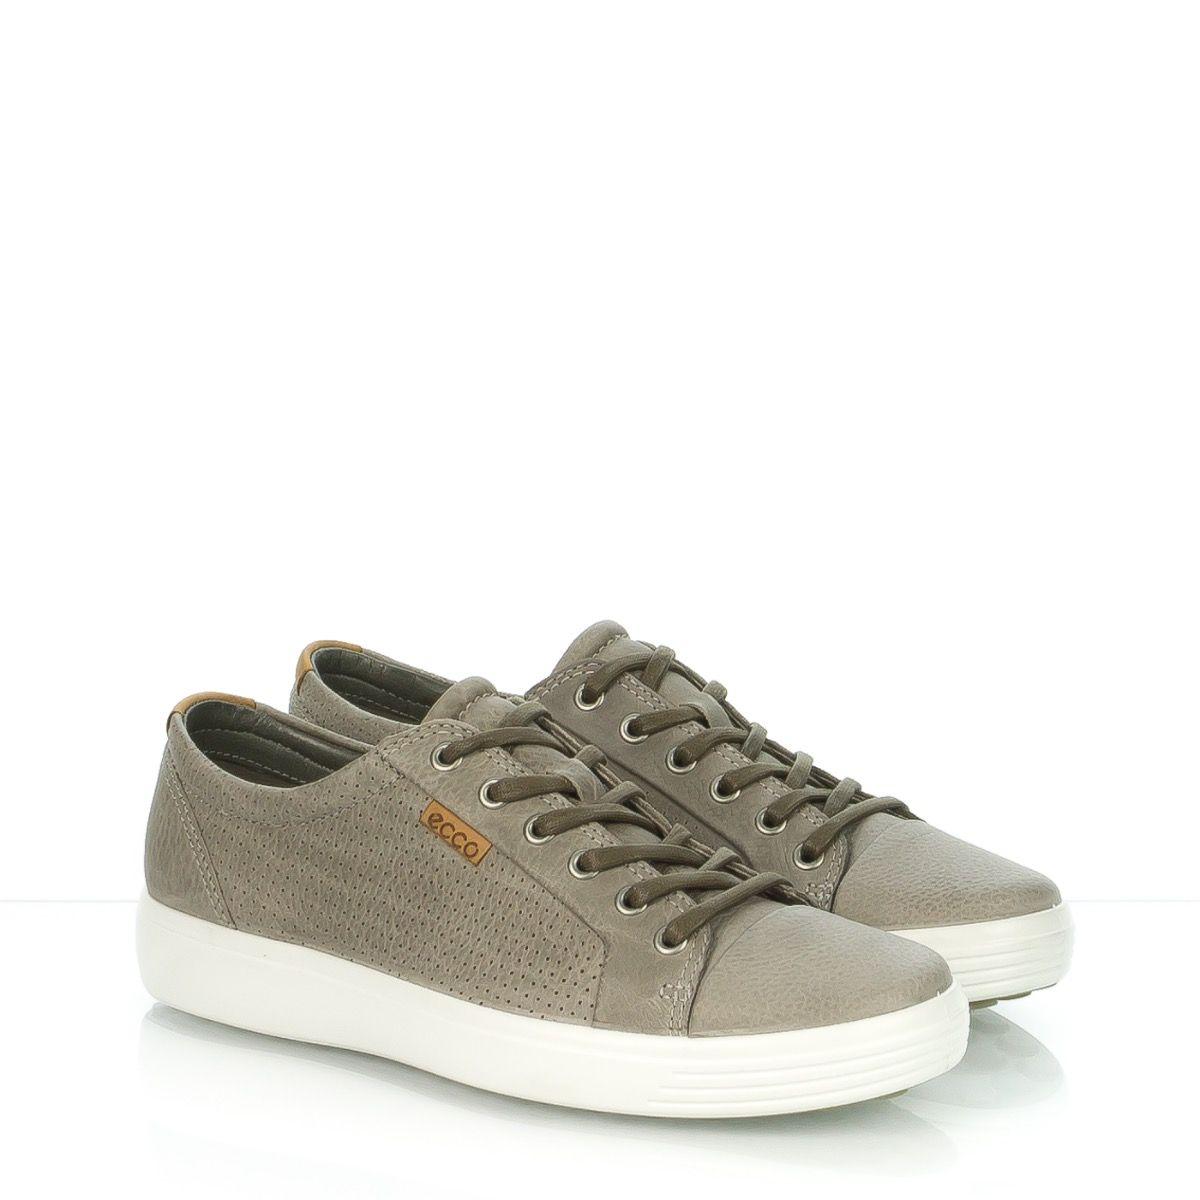 Forata 430104 Scarpe Sneaker Ecco Uomo Stringata Soft7 Pelle